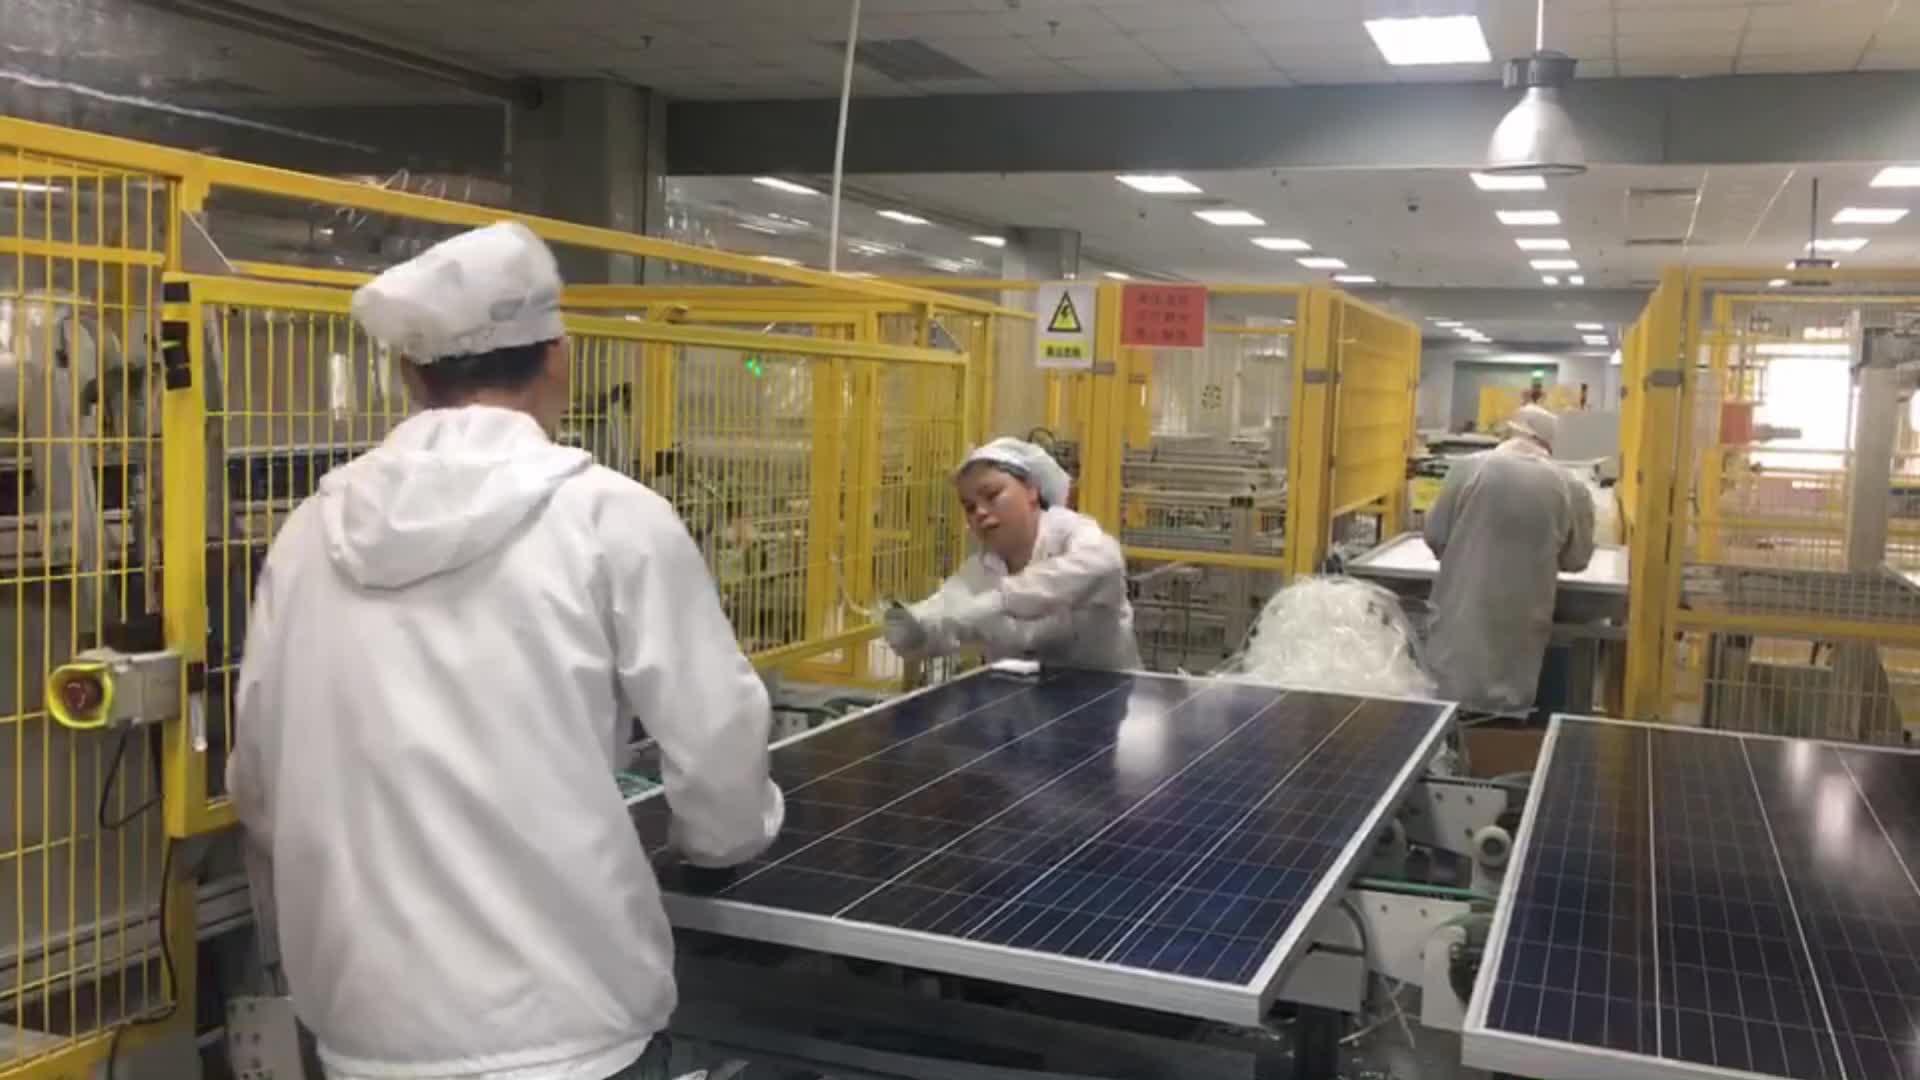 电池 Soler 多晶硅 350 瓦面板太阳能面板 36 v 电池面板套件 360 w